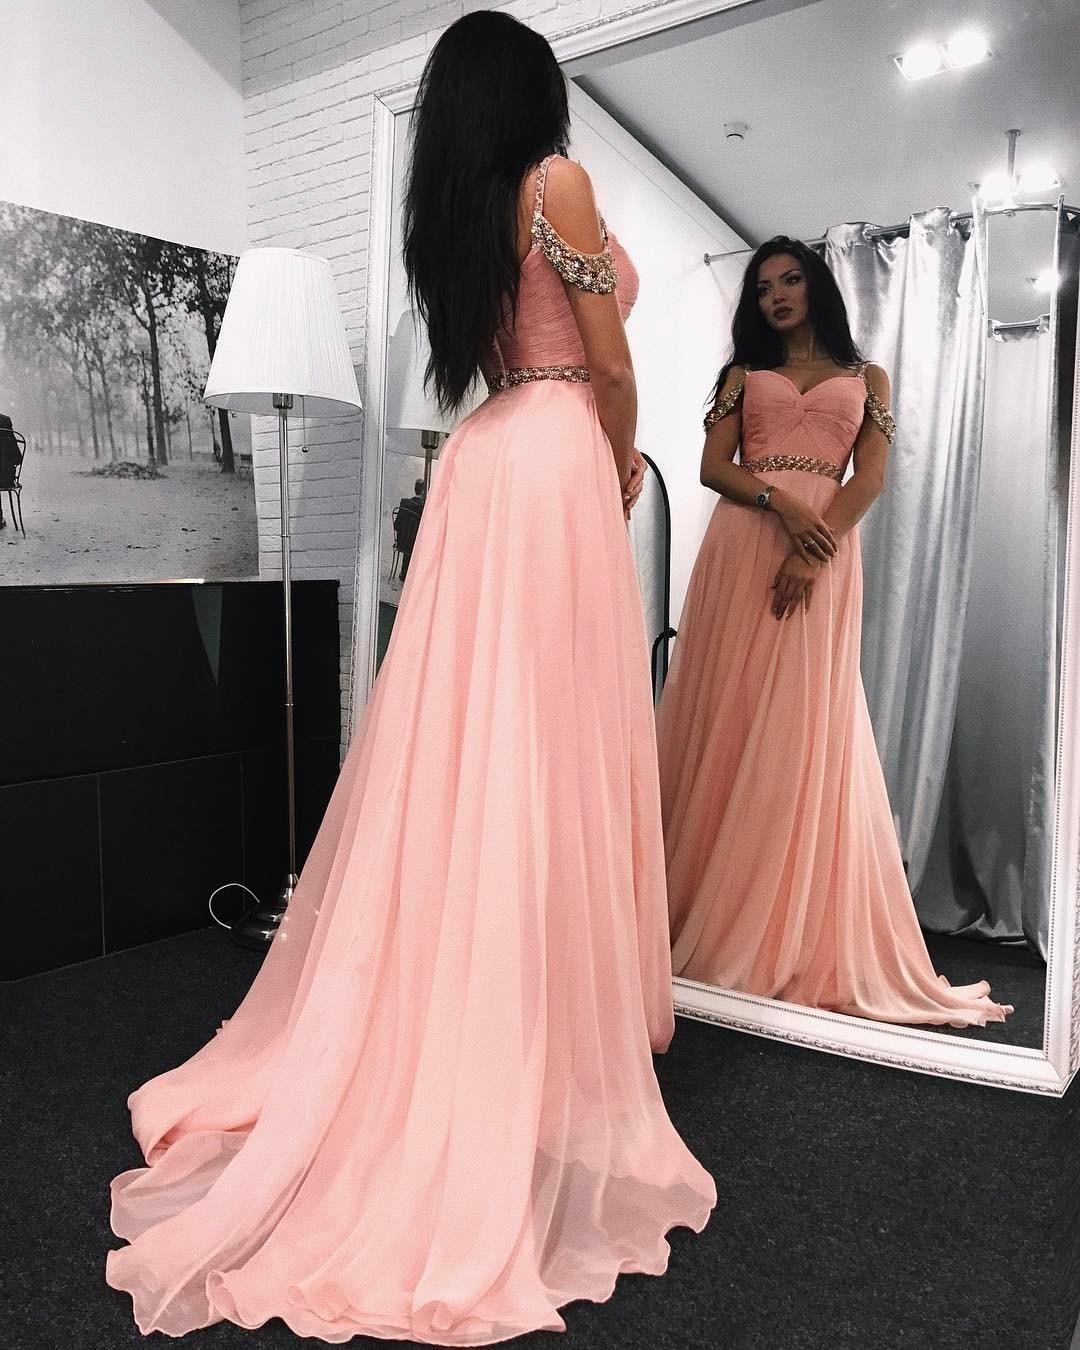 Formal Perfekt Kleider Anlässe Spezialgebiet13 Einfach Kleider Anlässe Bester Preis